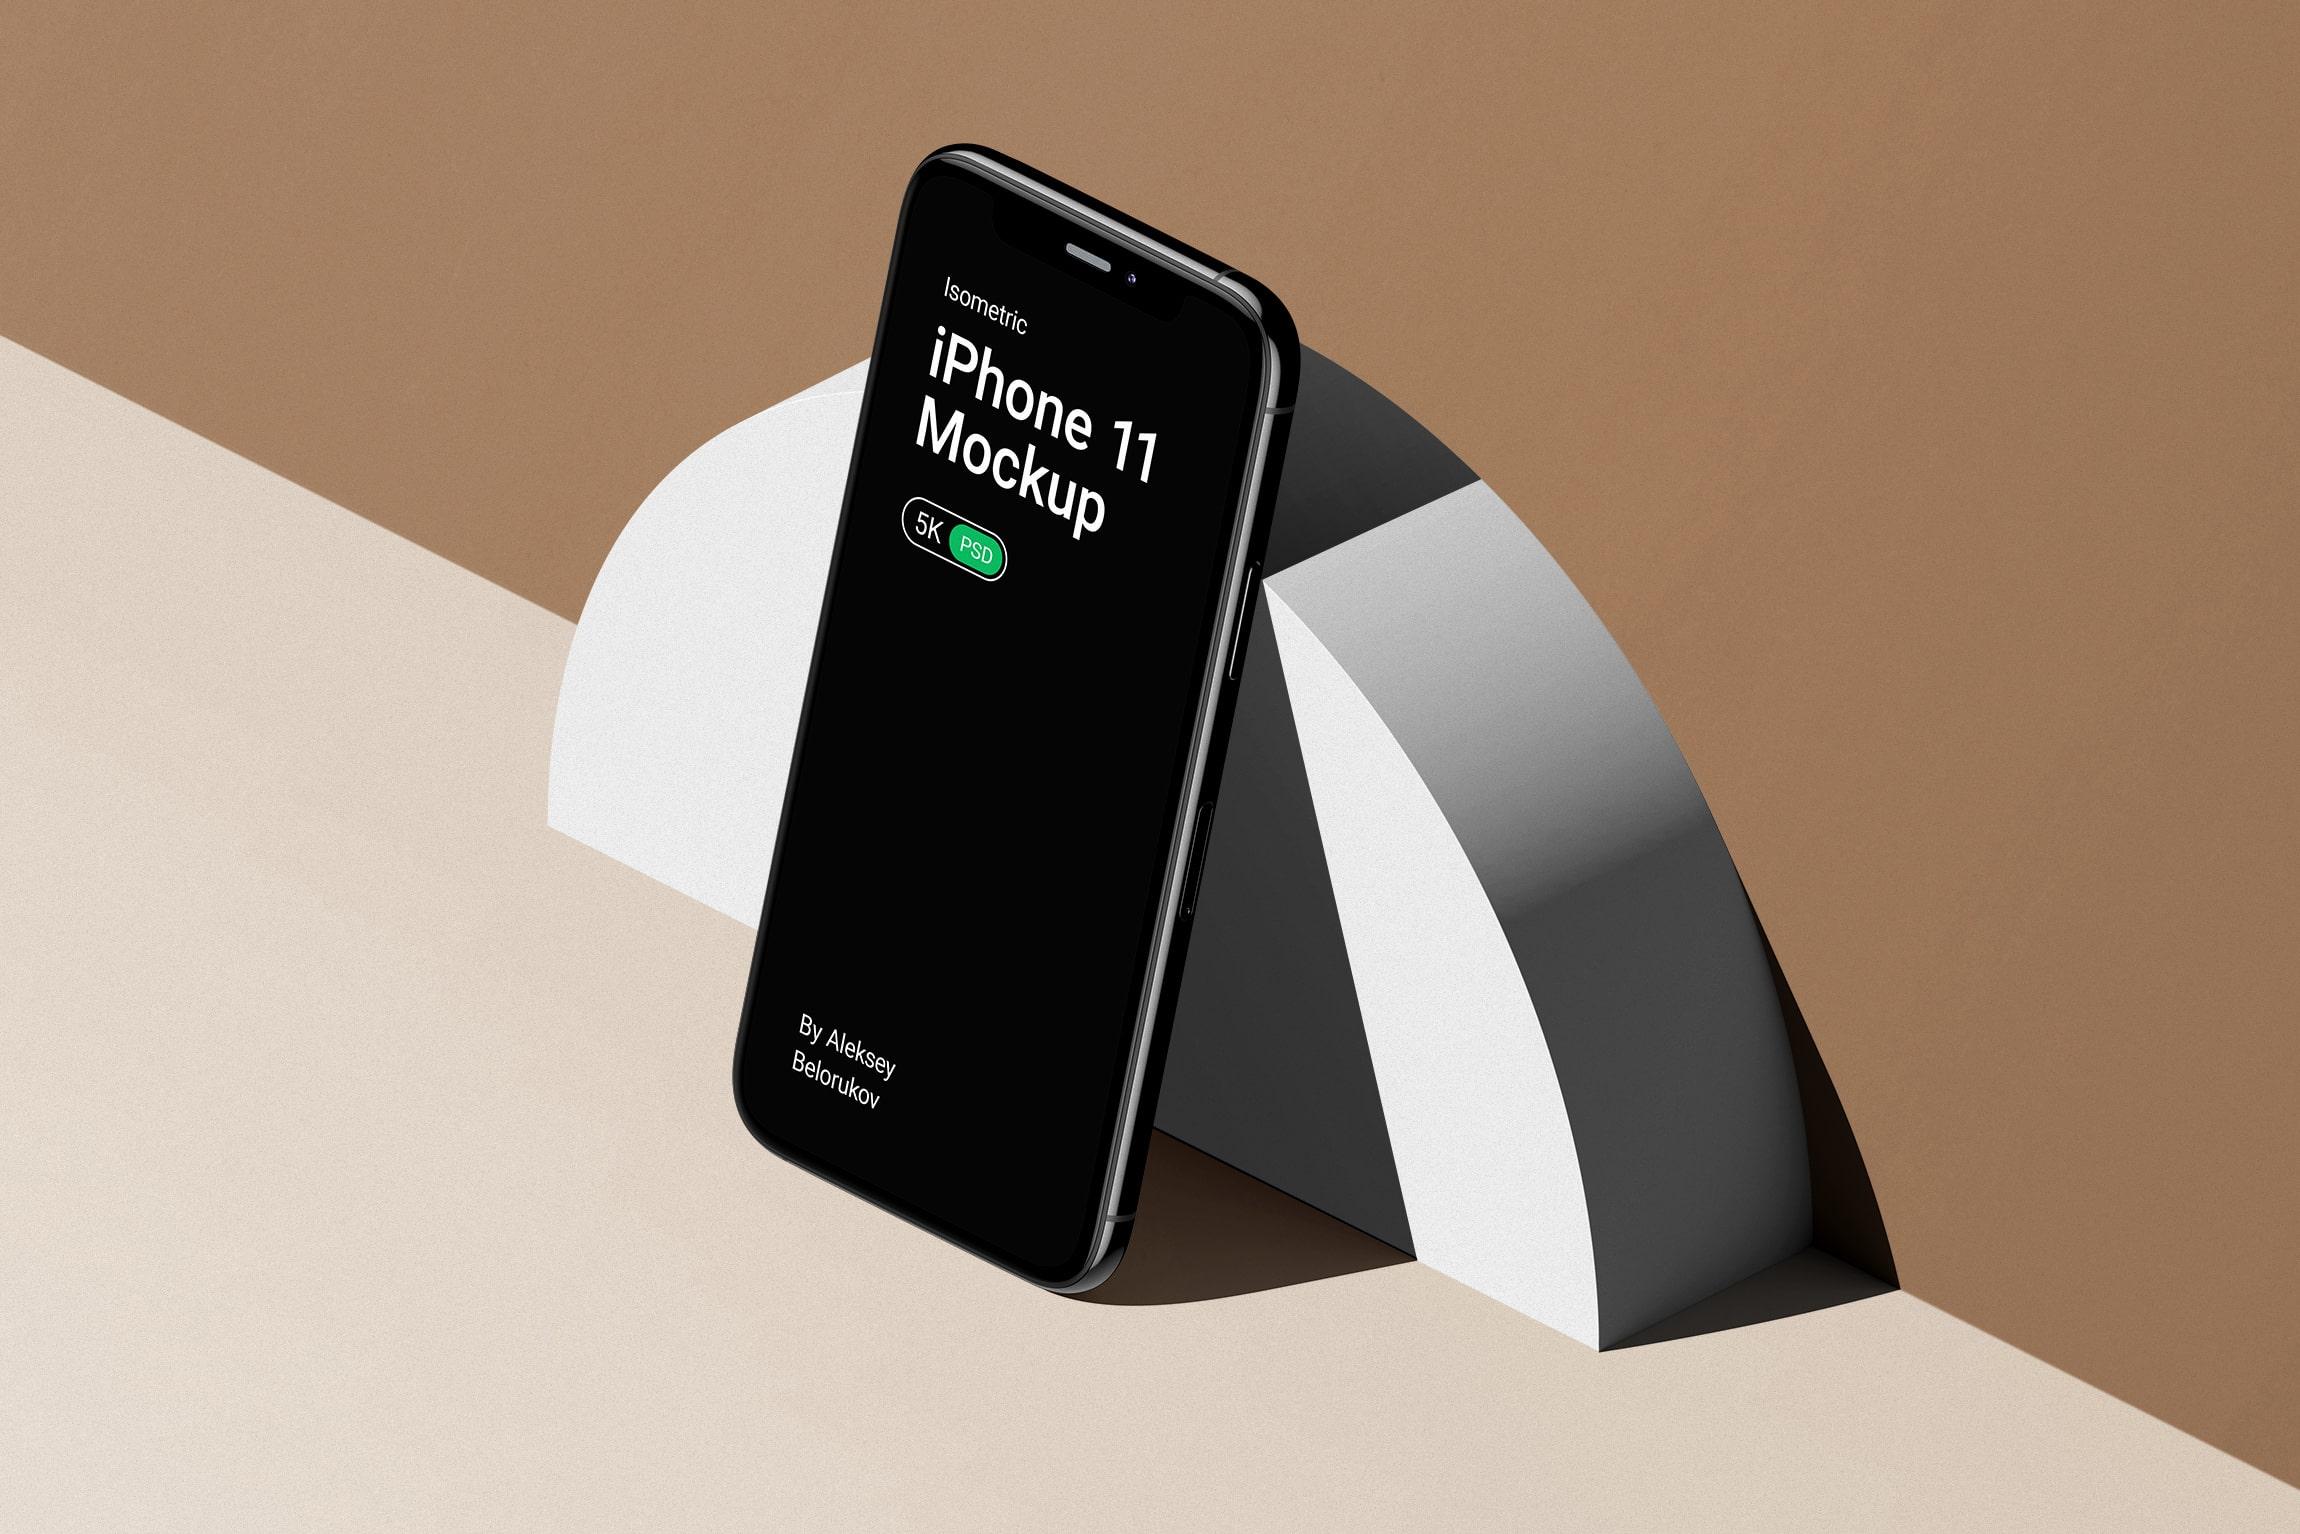 [单独购买] 16款时尚等距APP界面设计苹果设备屏幕演示场景样机模板套装 Device Pack Mockups – Isometric插图7